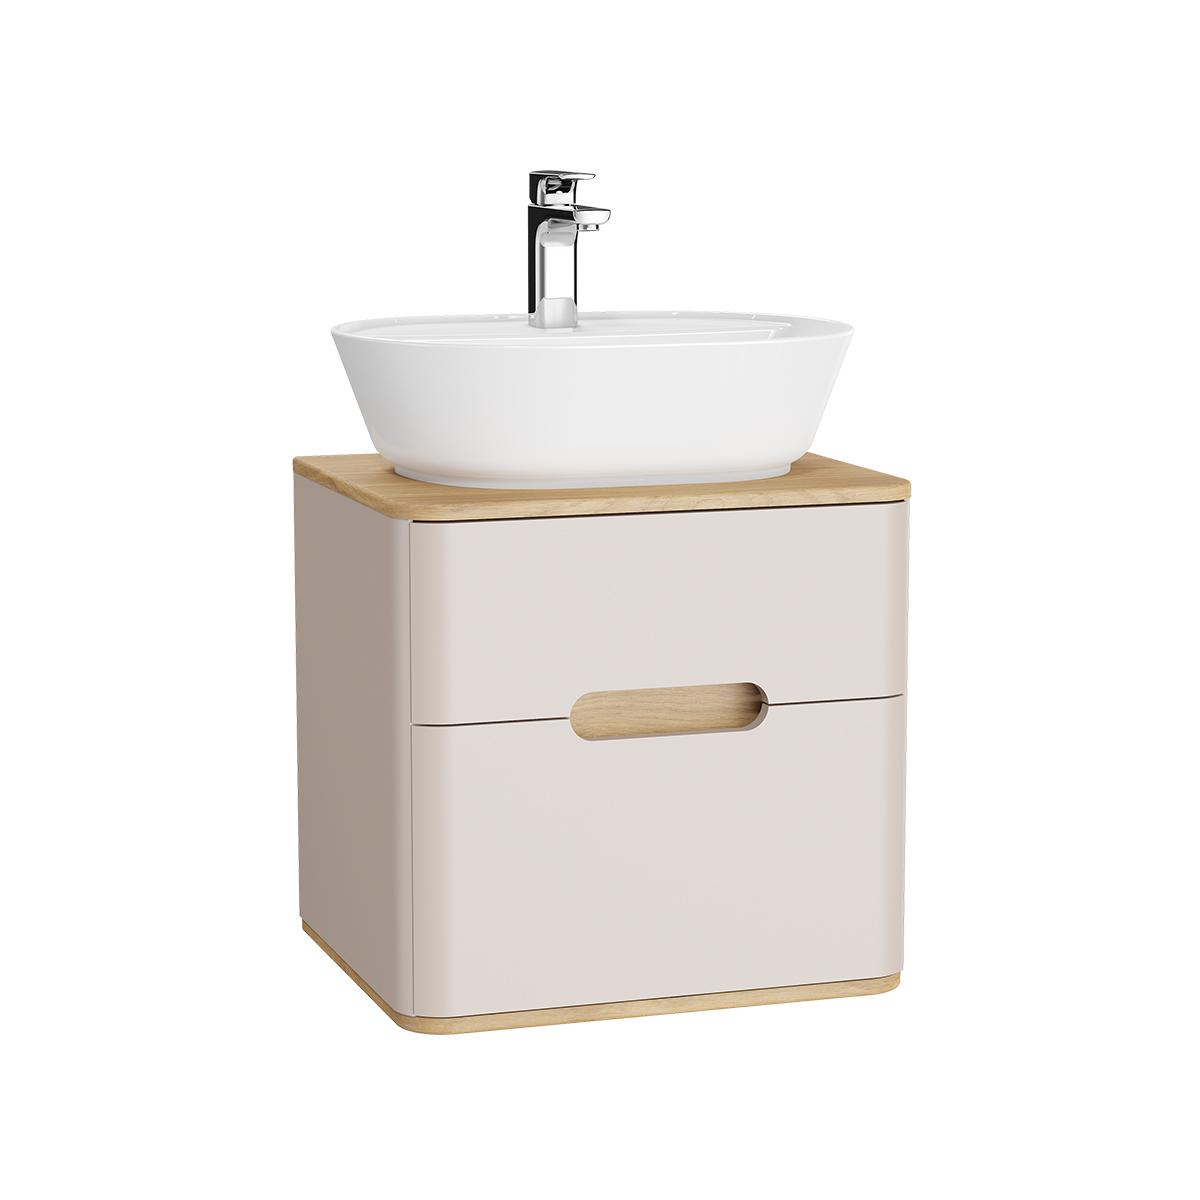 Sento Waschtischunterschrank, 55 cm, für Aufsatzwaschtische, mit 2 Vollauszügen, Crème Matt